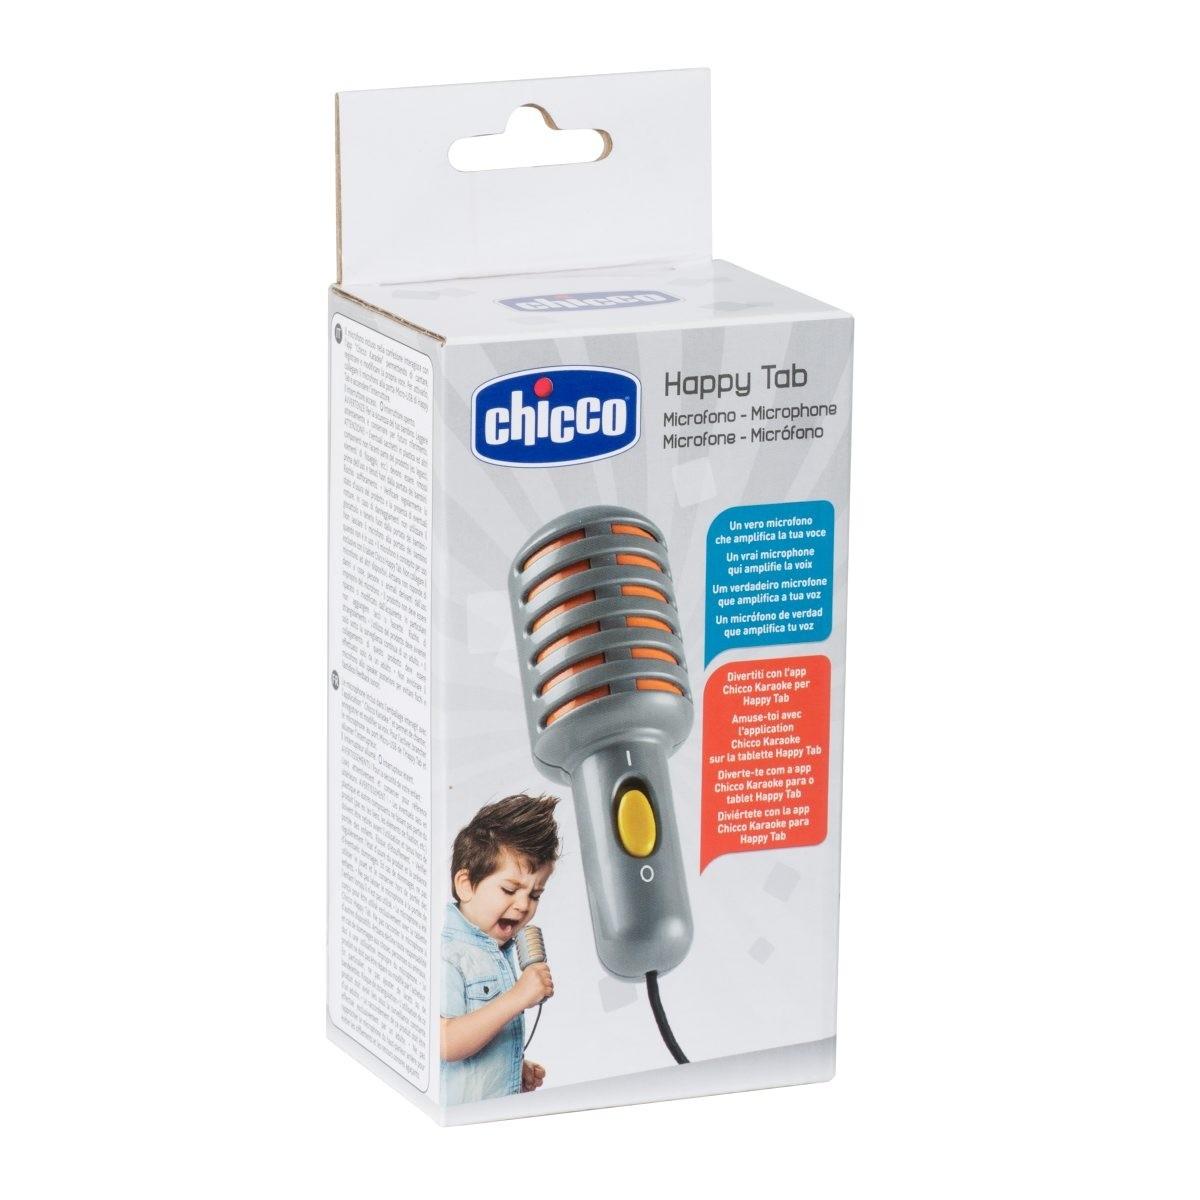 Microfono per Happy Tab Chicco